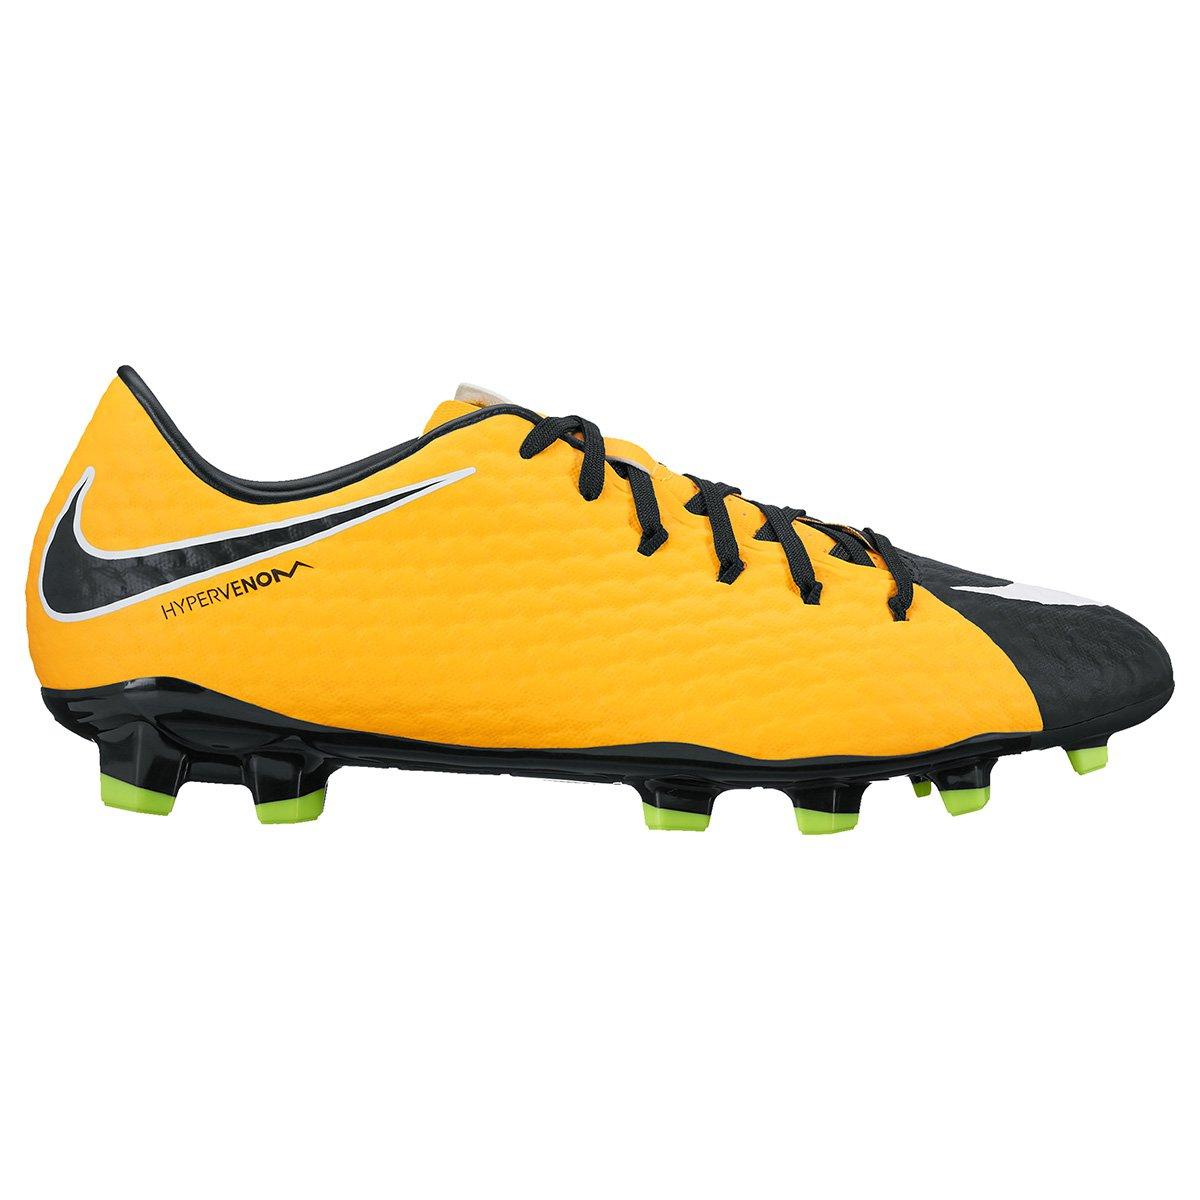 df2f30891a085 Chuteira Campo Nike Hypervenom Phelon 3 FG | Shop Timão